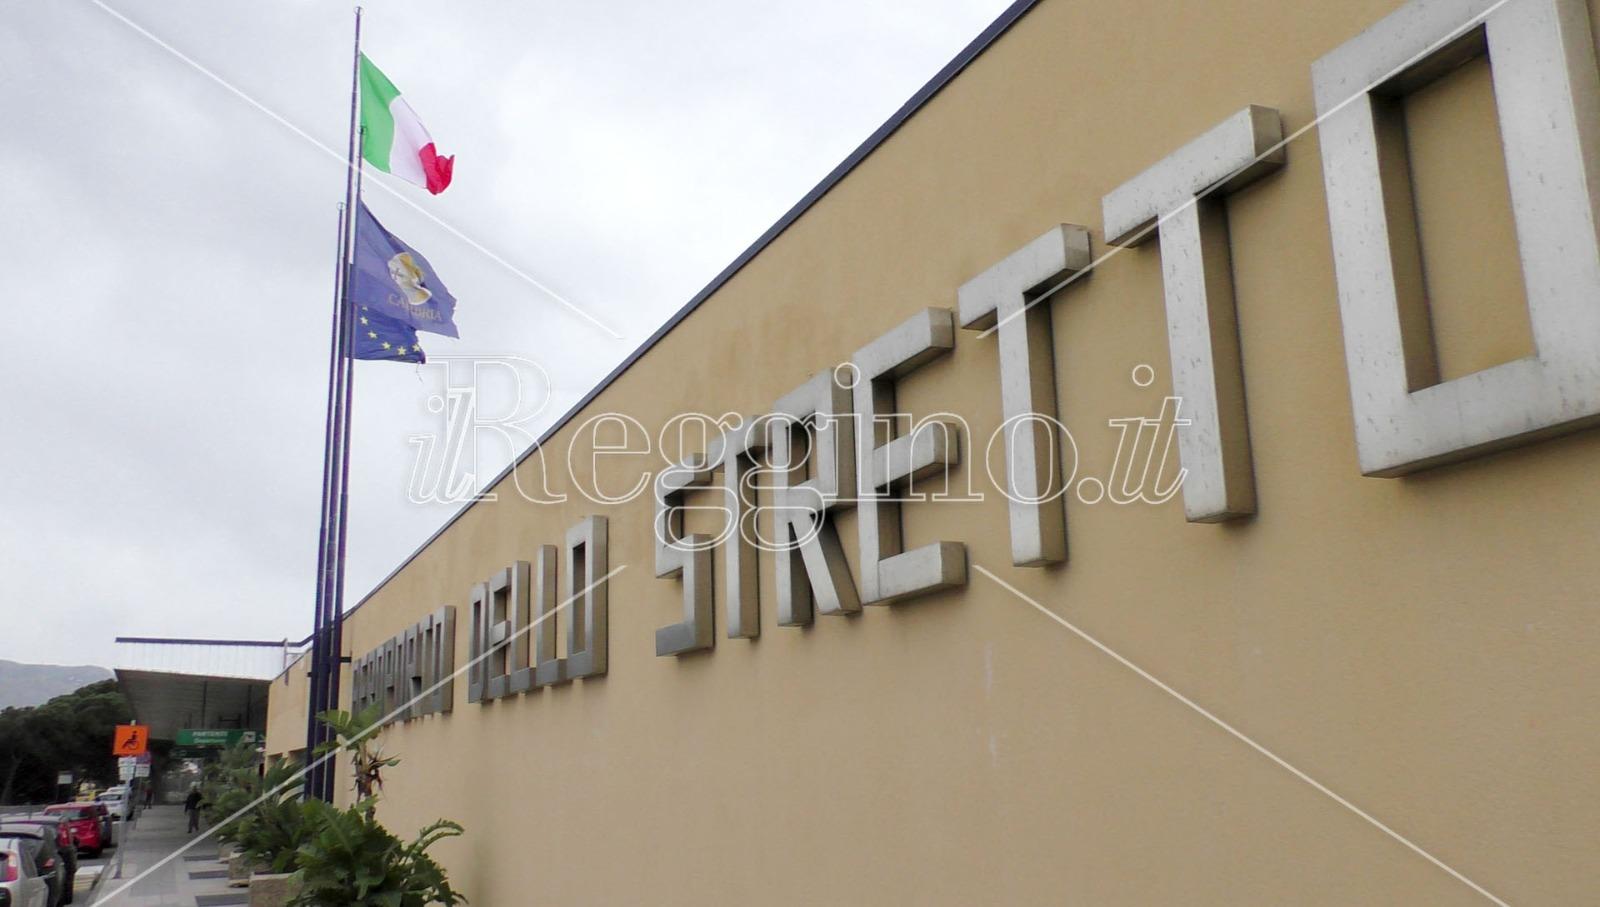 Aeroporto dello Stretto, Ficara e Malara chiedono un impegno concreto alle istituzioni